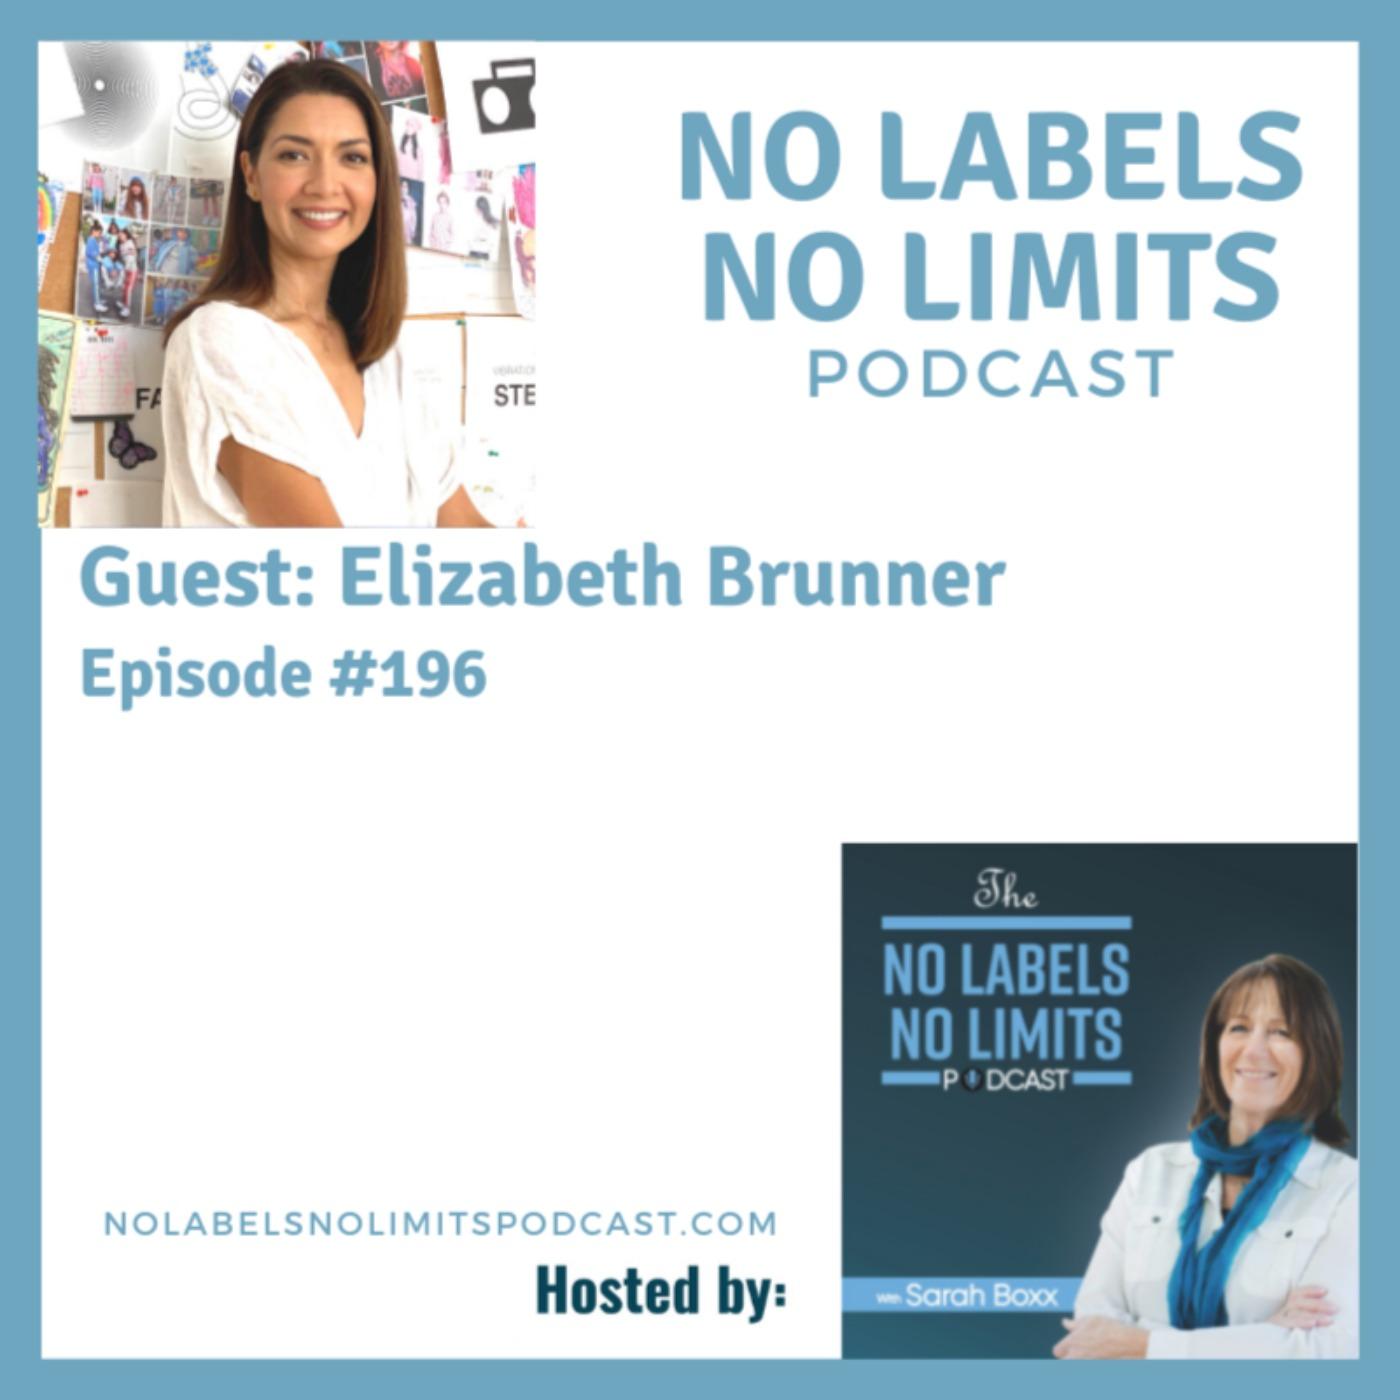 196 - Dismissing Stereotypes with Elizabeth Brunner